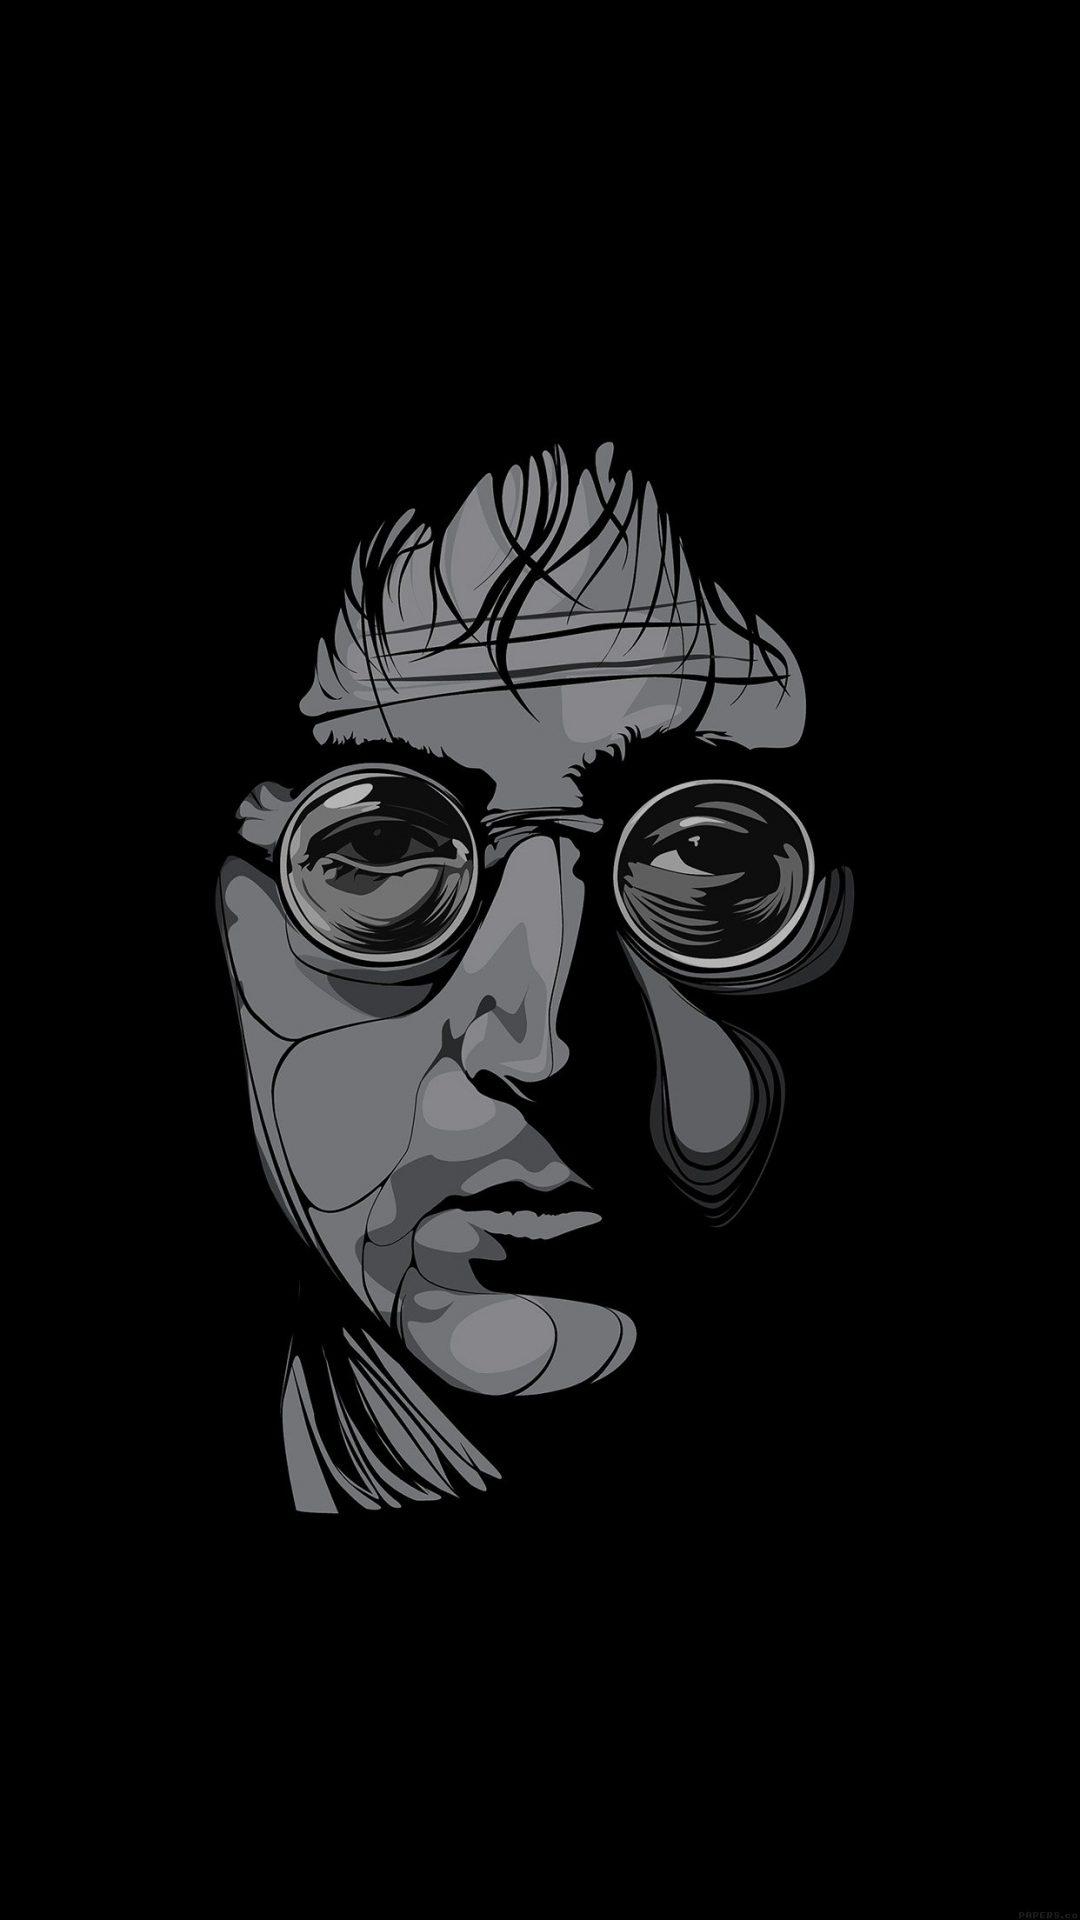 John Lennon Illust Art Music